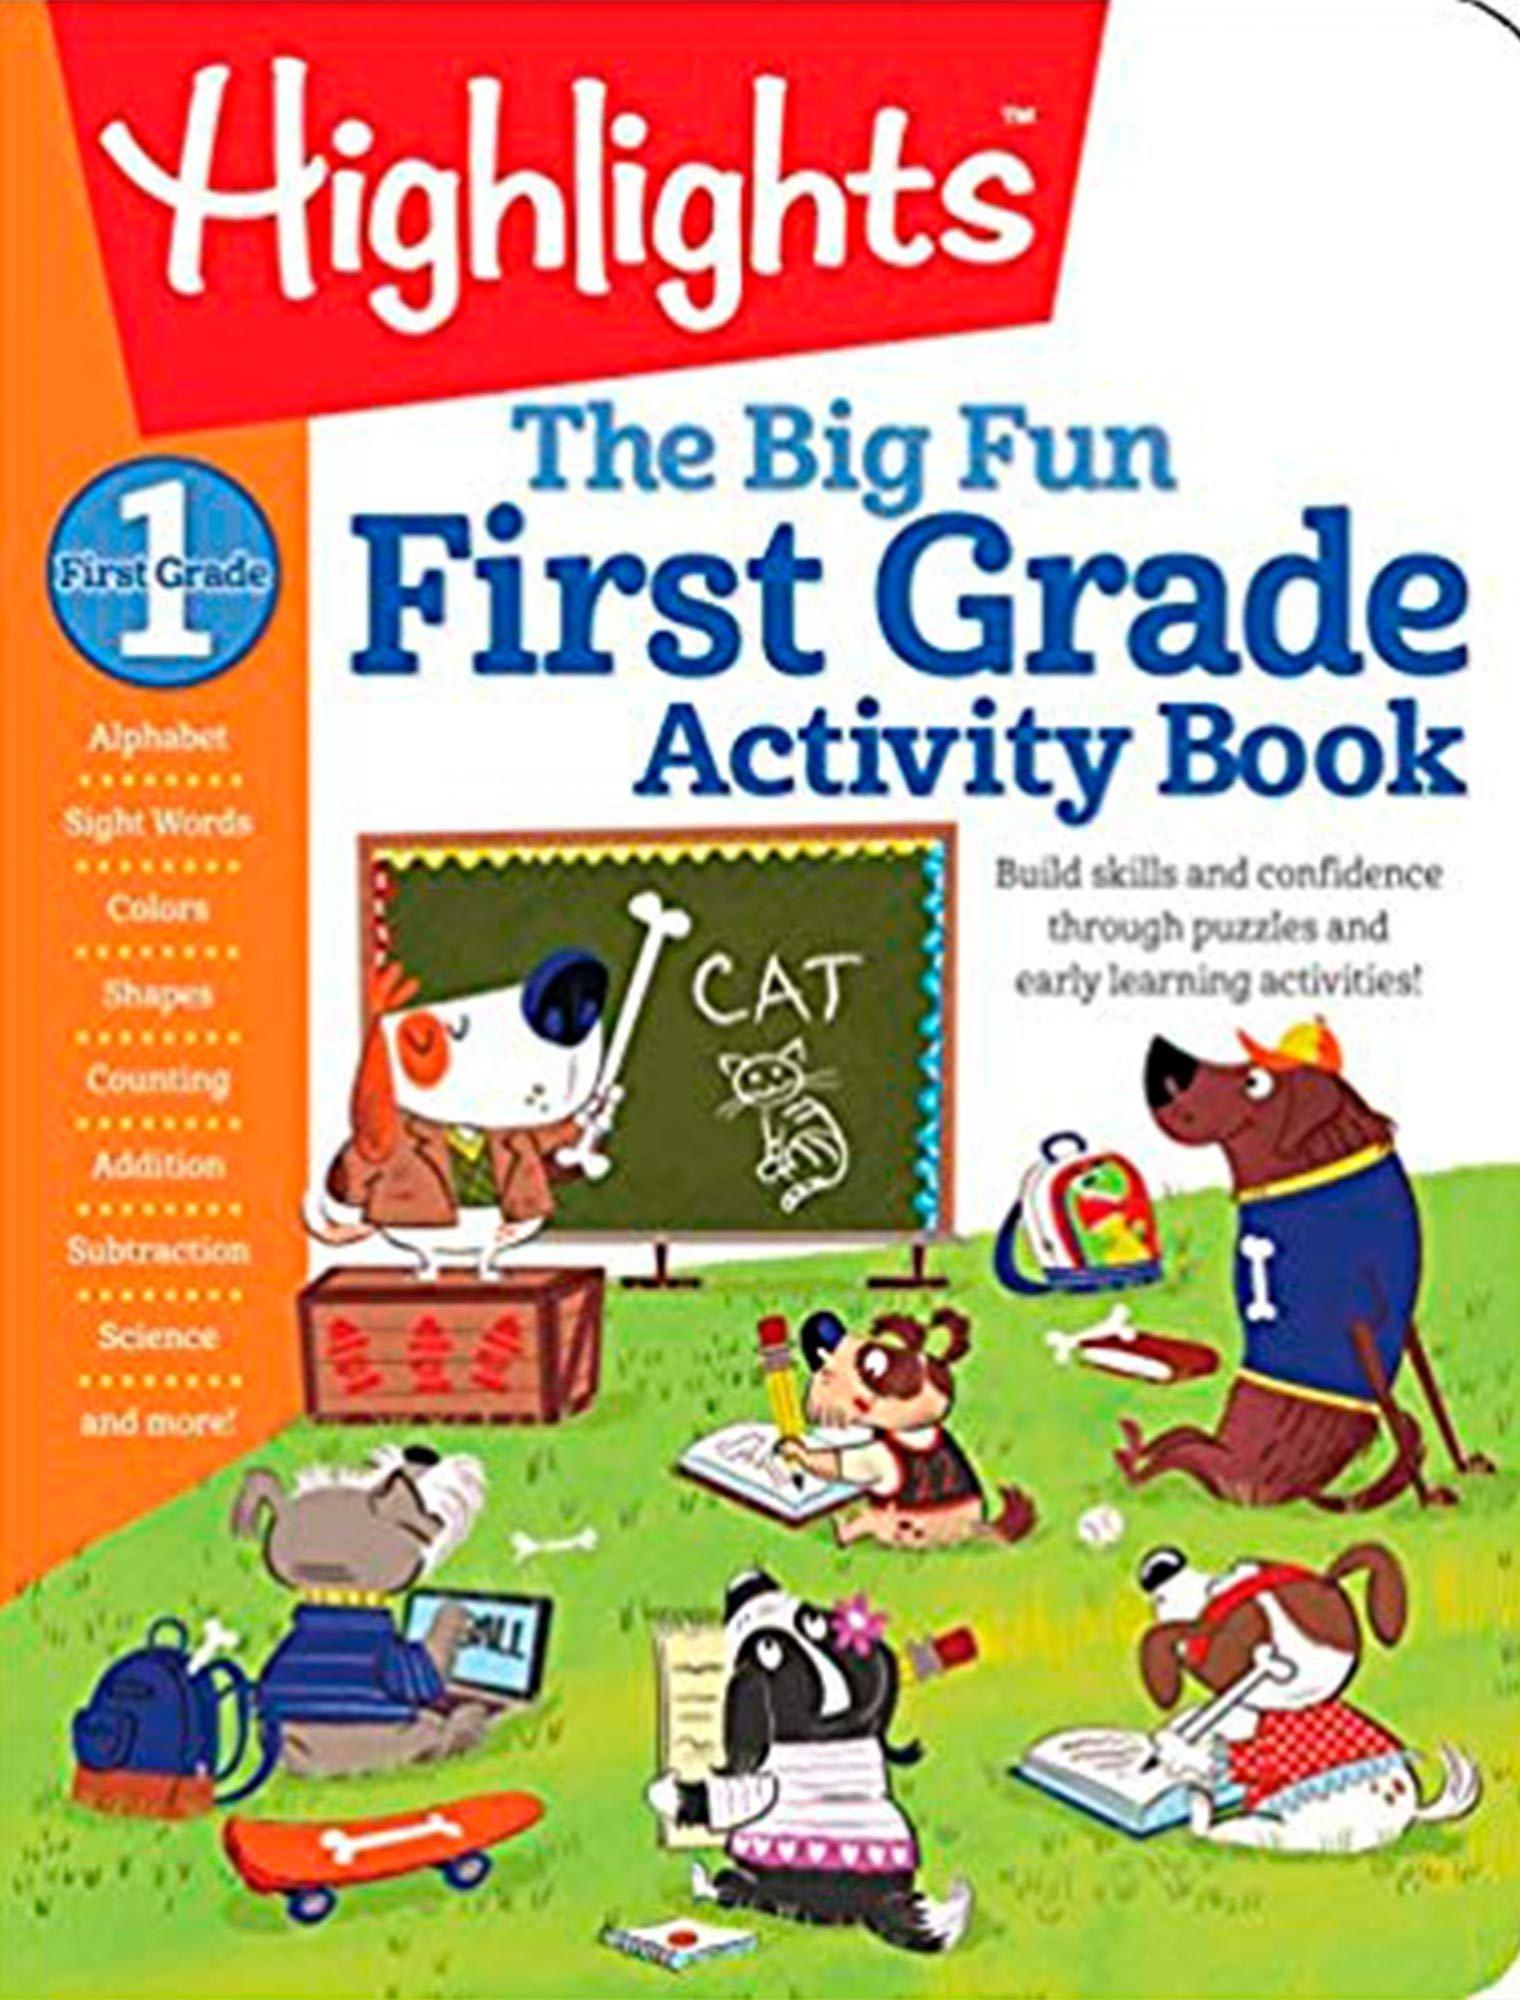 First grade activity book